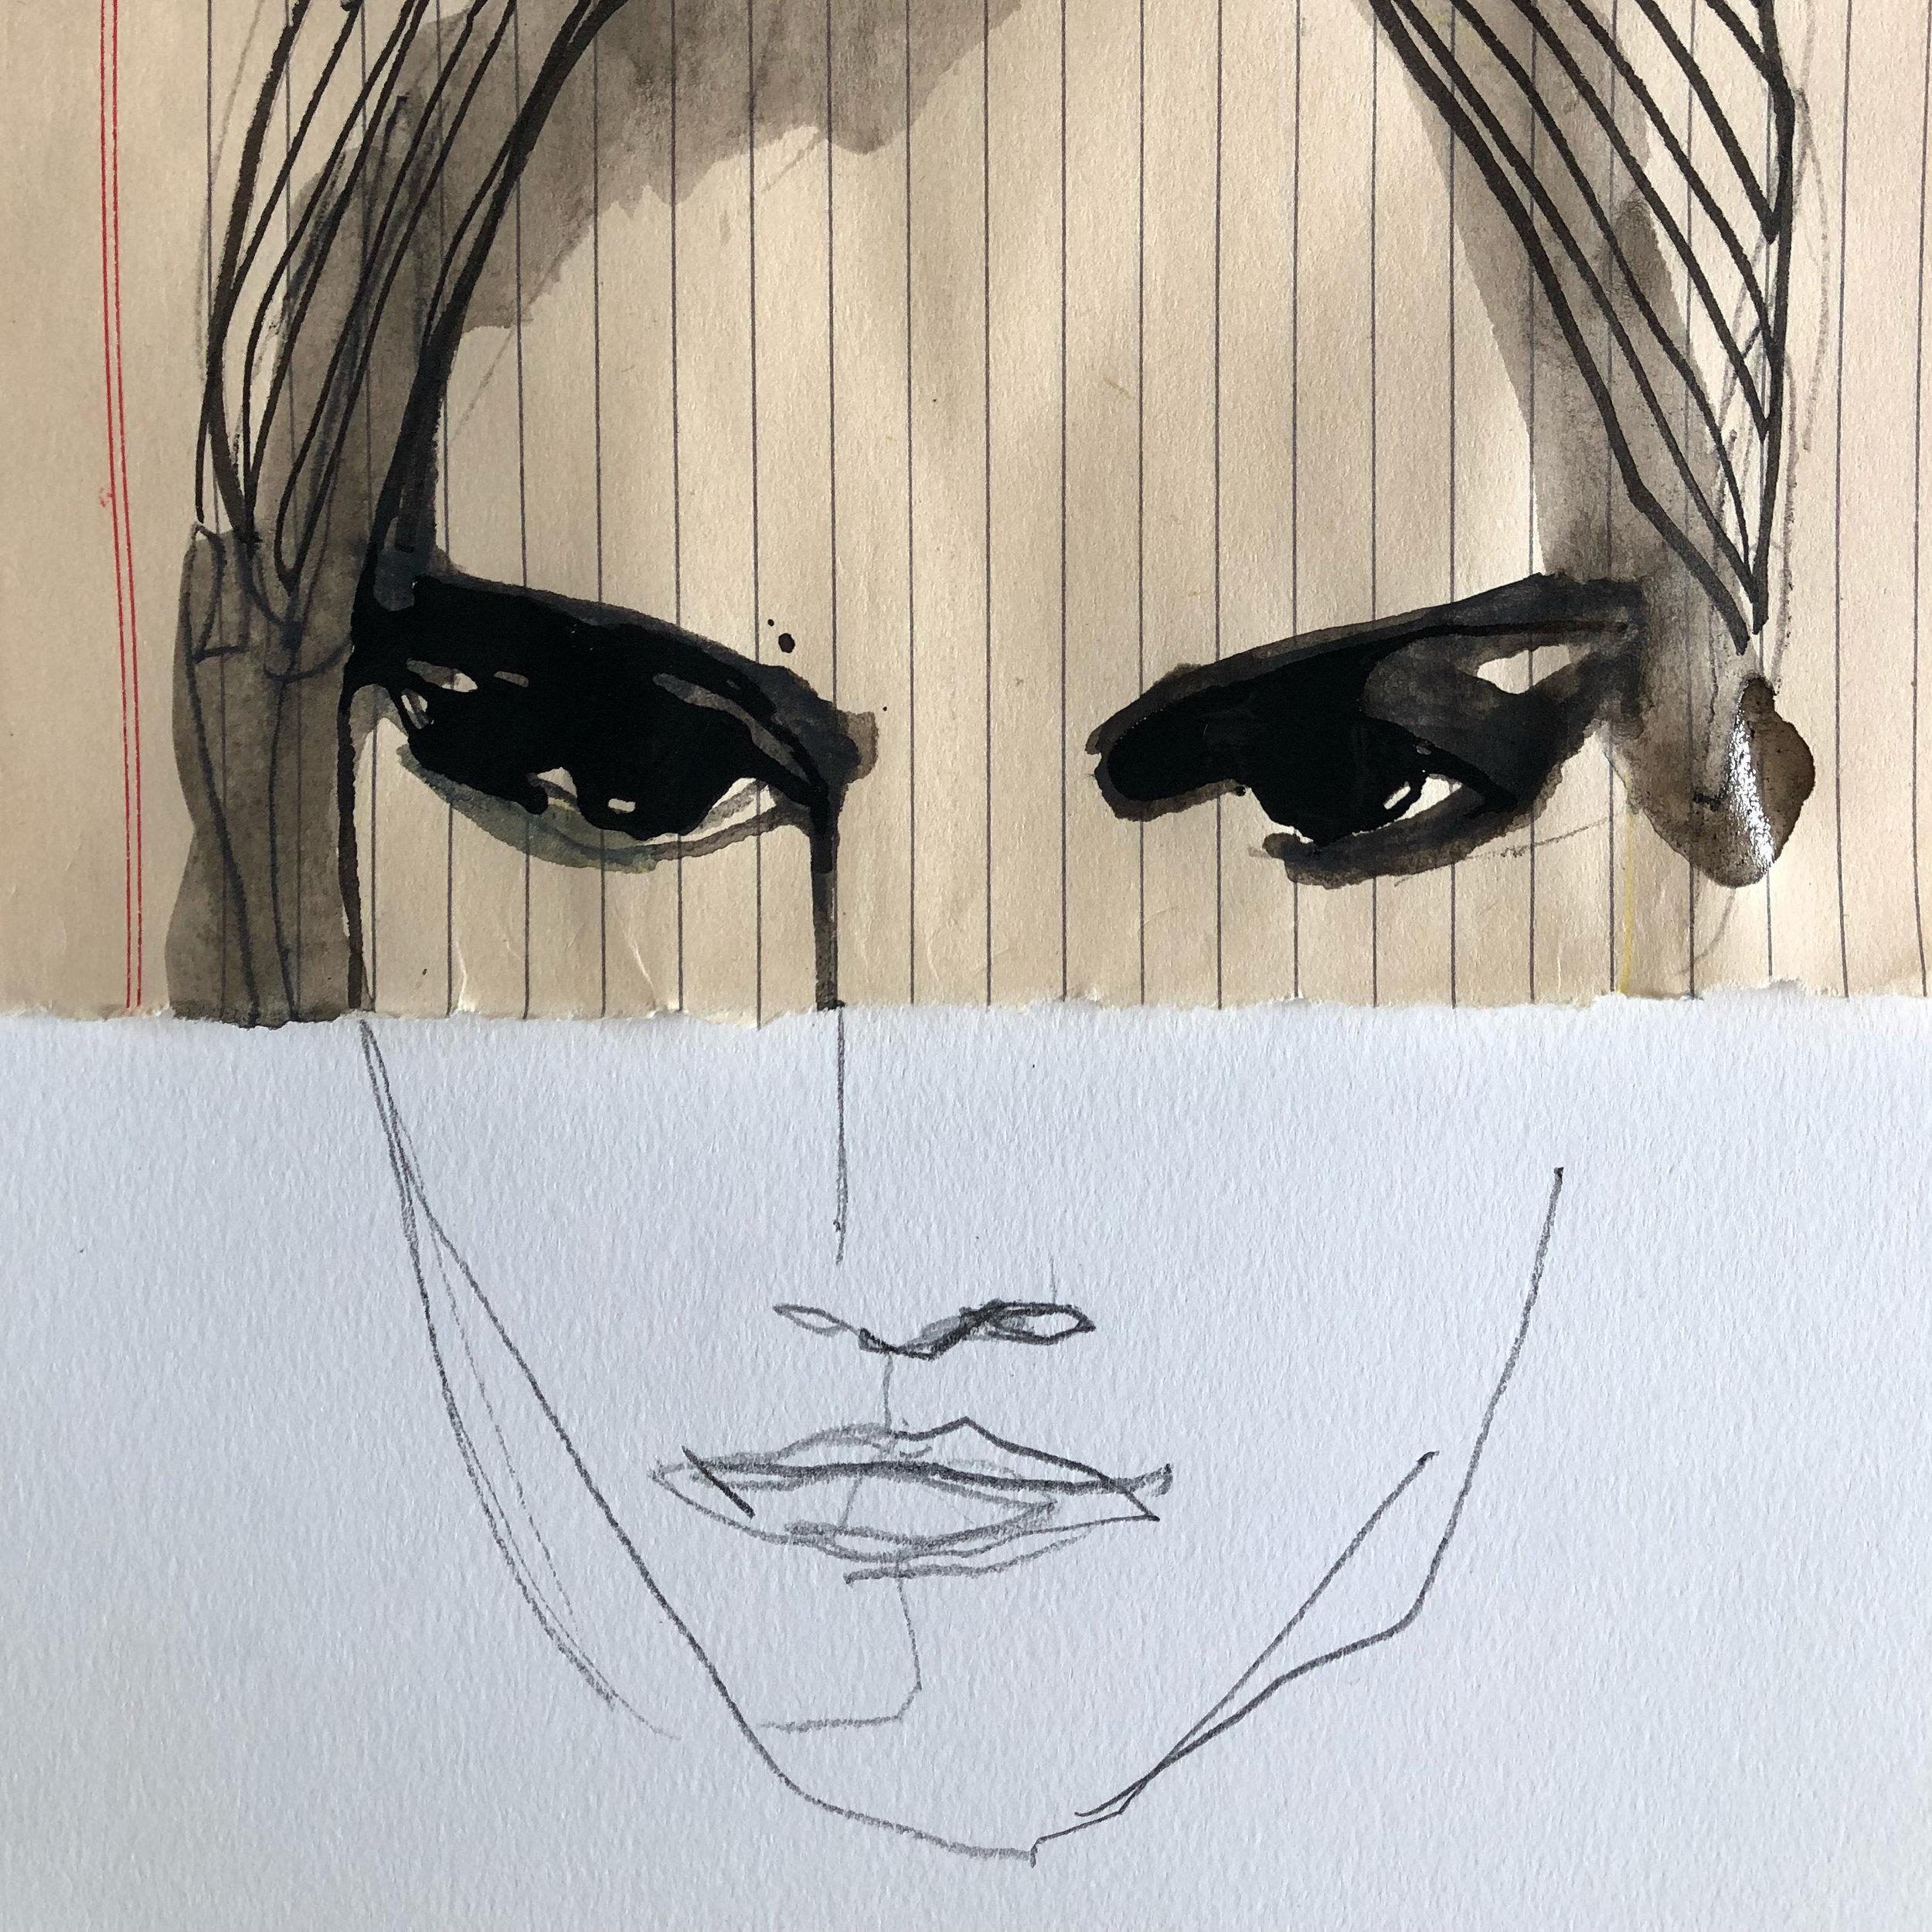 TessaIllustration_01.jpg